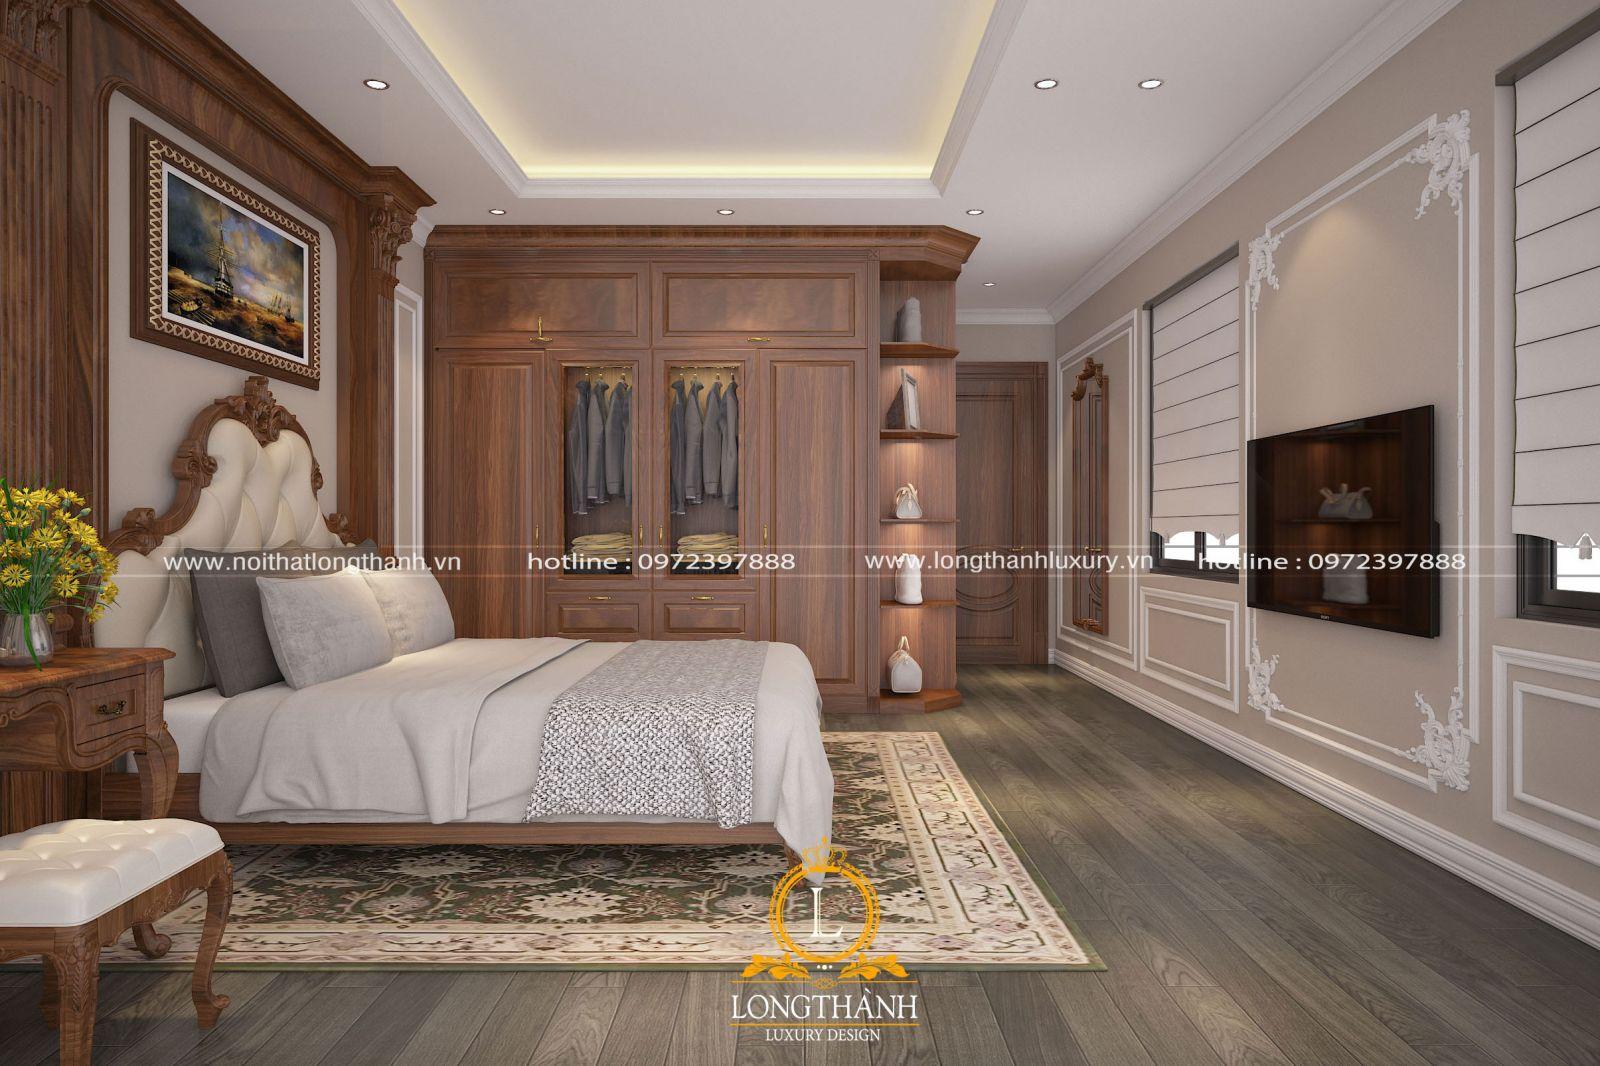 Thiết kế phòng ngủ nhà phố phong cách tân cổ điển sủ dụng gỗ Gõ đỏ